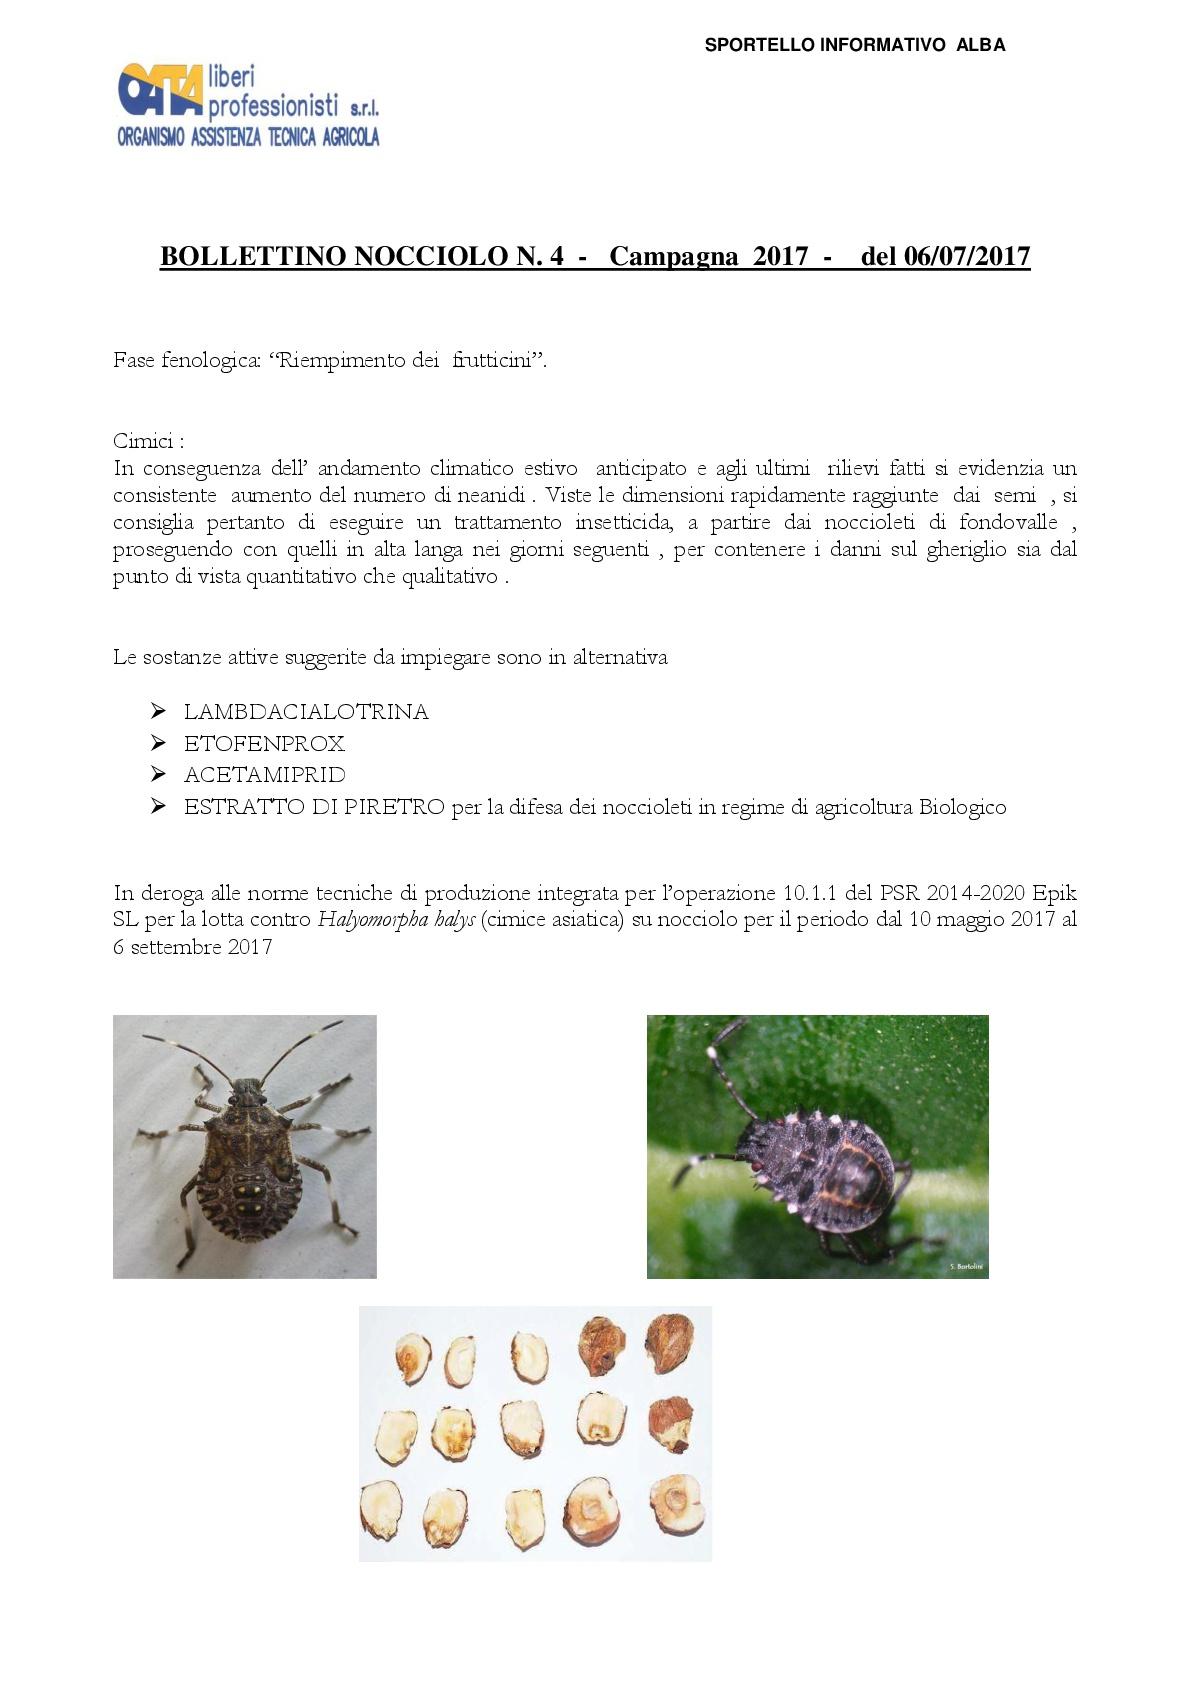 bollettino_nocciolo_4_1